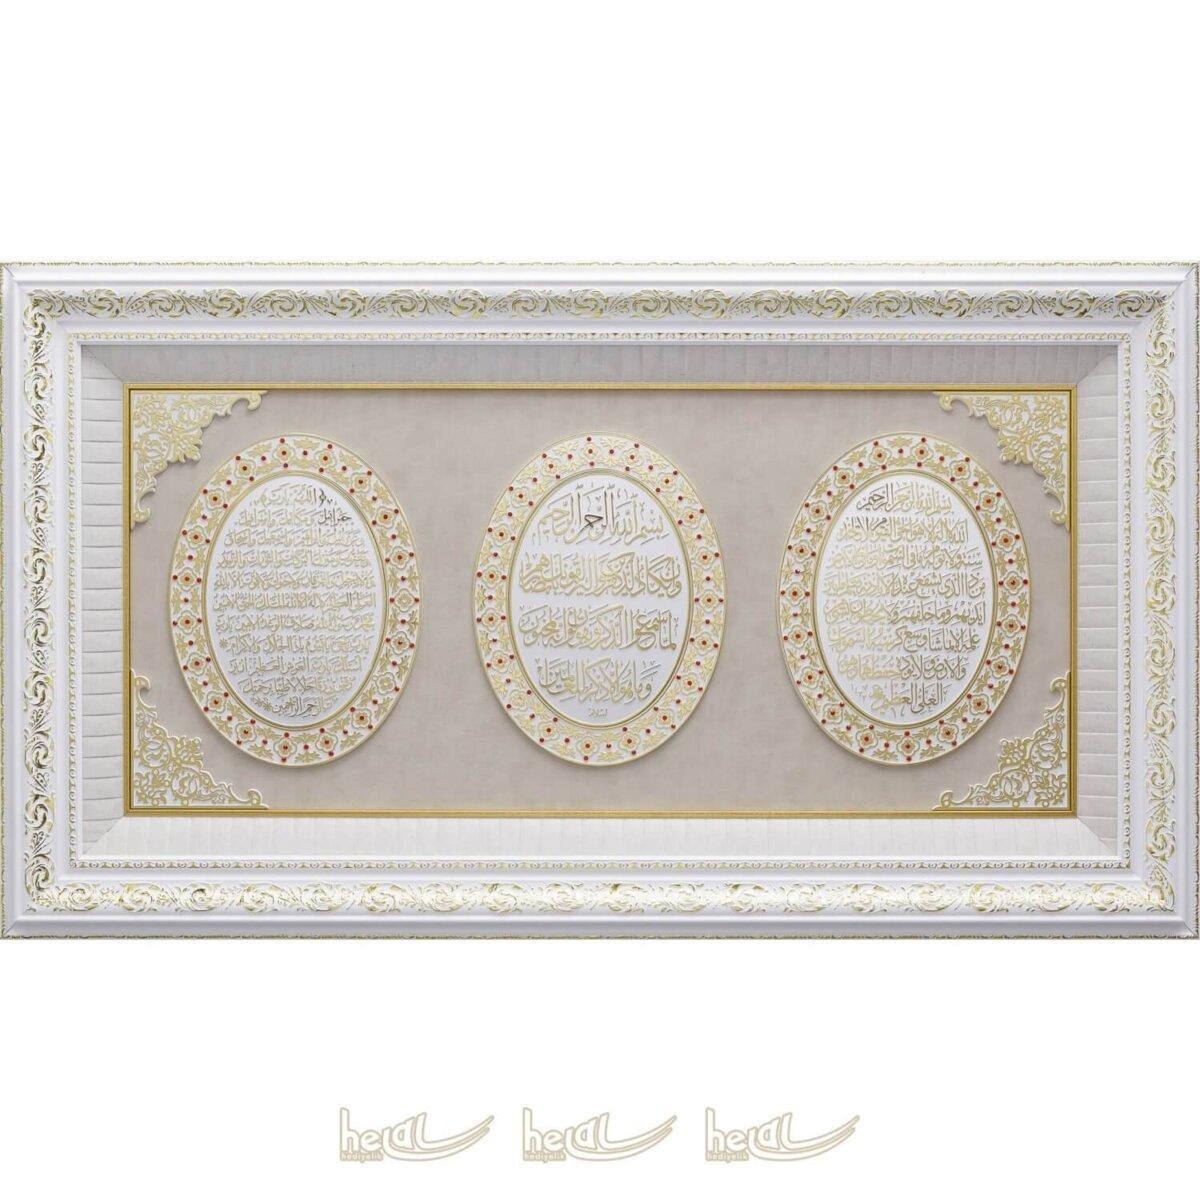 66x118cm Mega Boy Allah cc. – Muhammed sav. Lafzı ve Ayetel Kürsi Yazılı 3′ lü Ayet Çerçeve Tablo Ayetli Tablolar